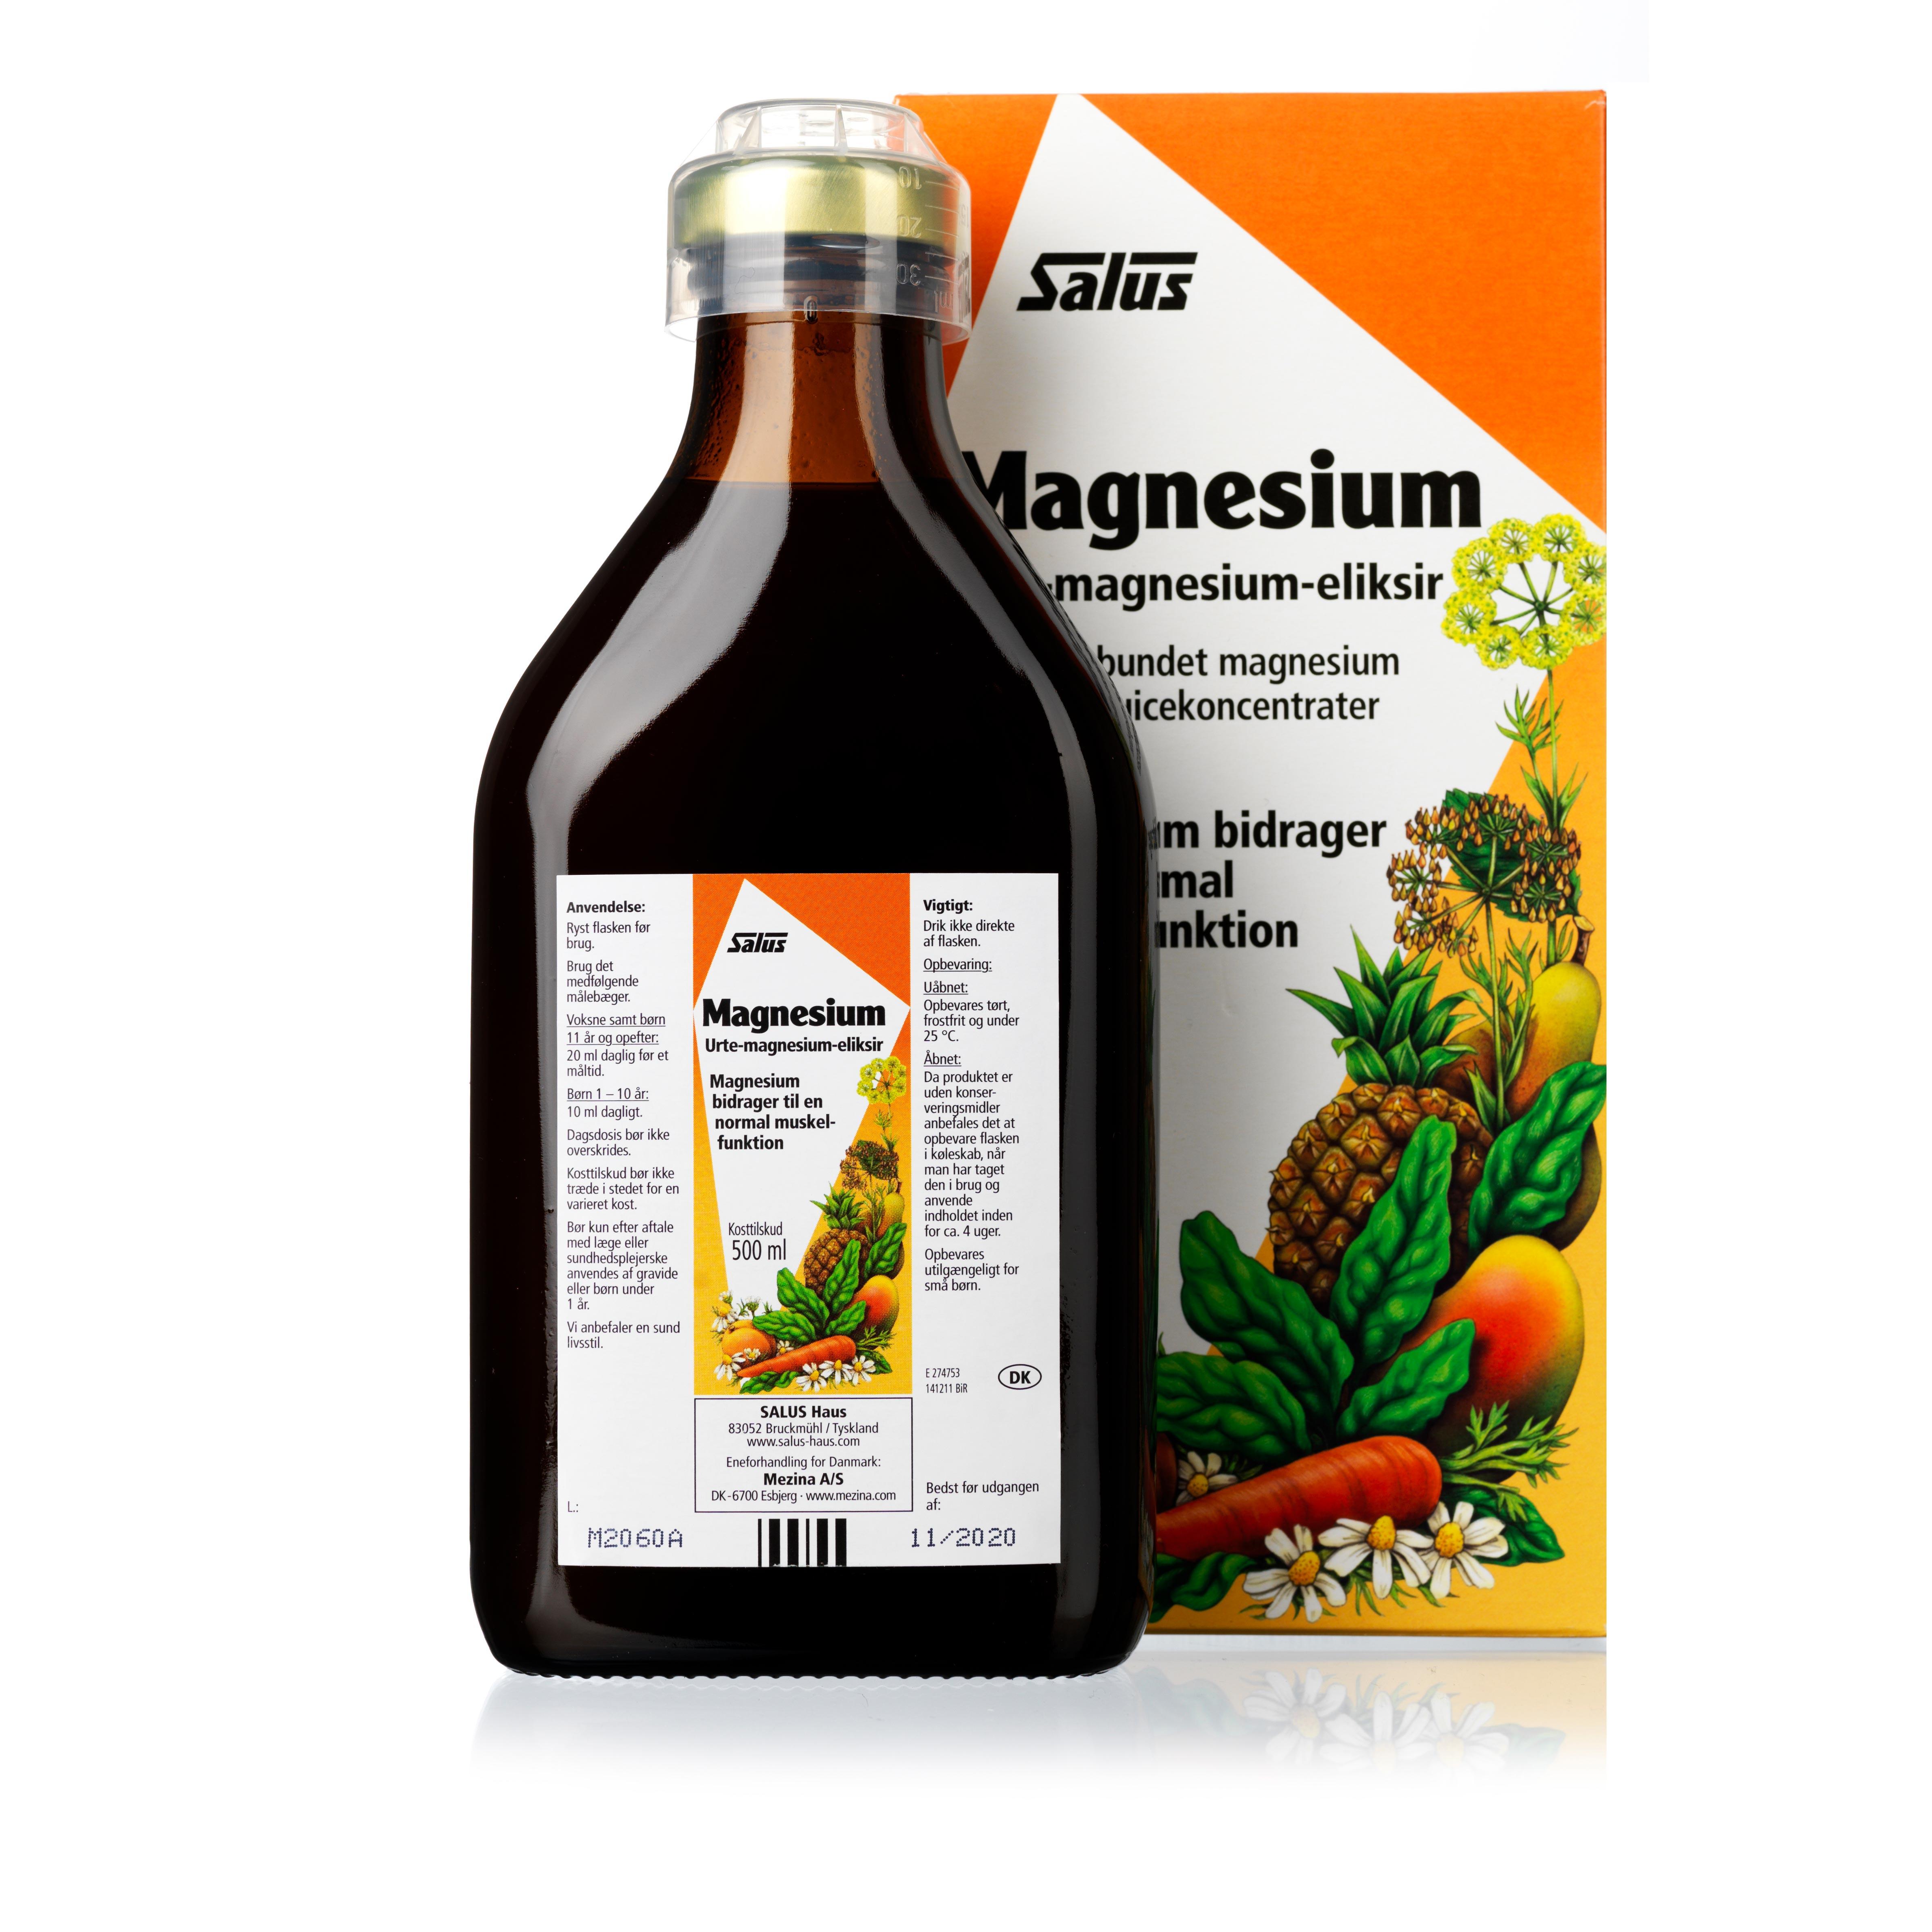 Billede af Salus Magnesium - 500 ml